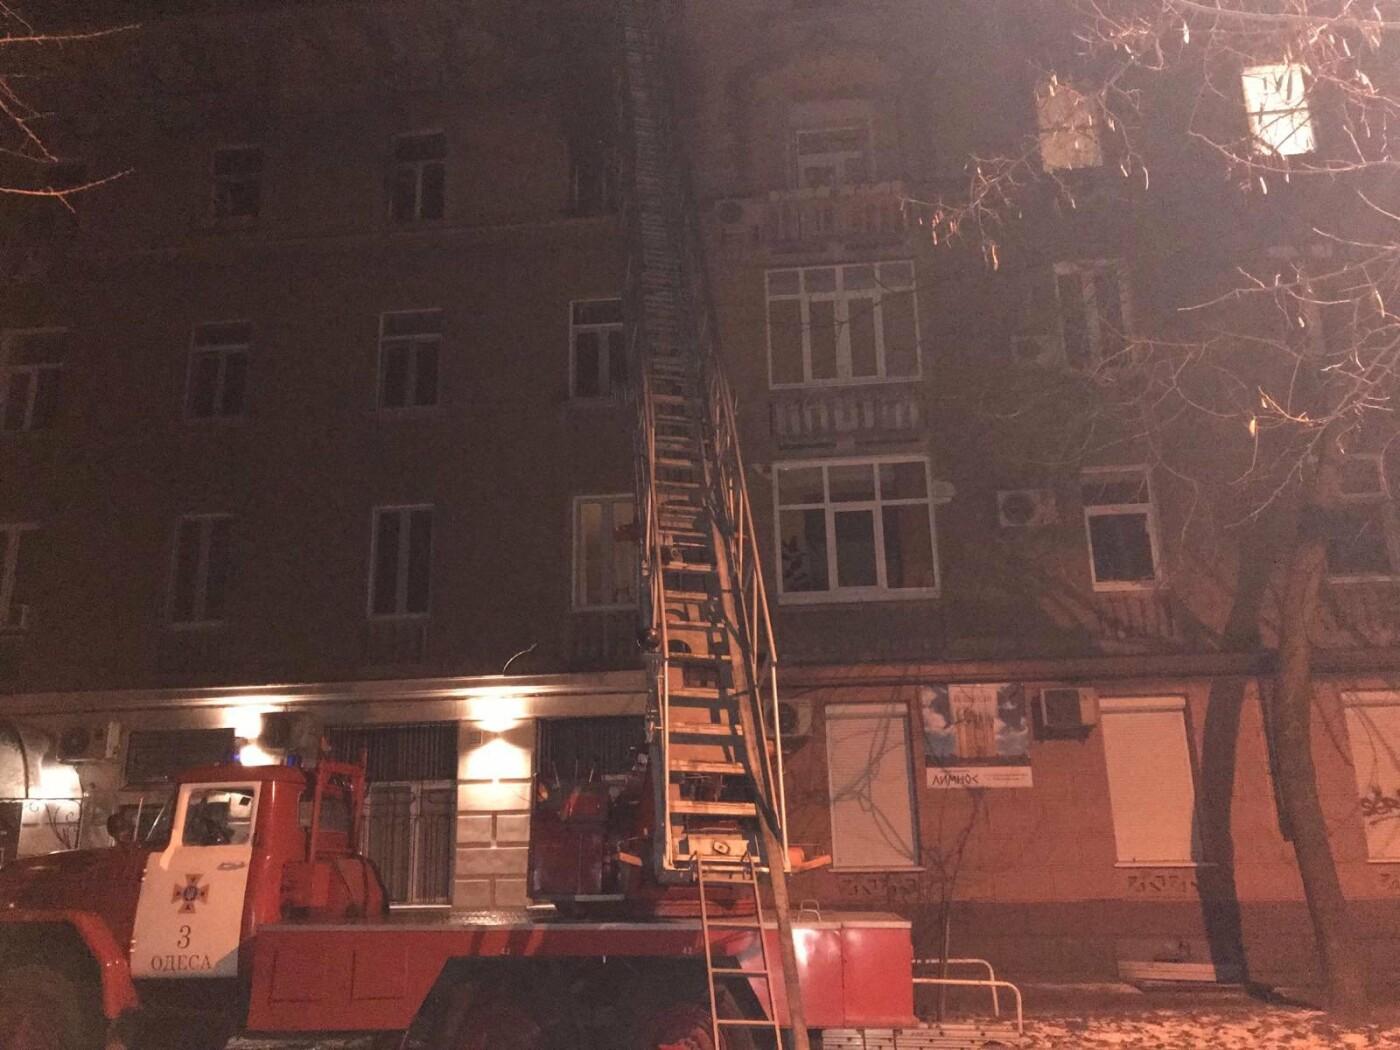 ВОдесской области произошел масштабный пожар, умер человек